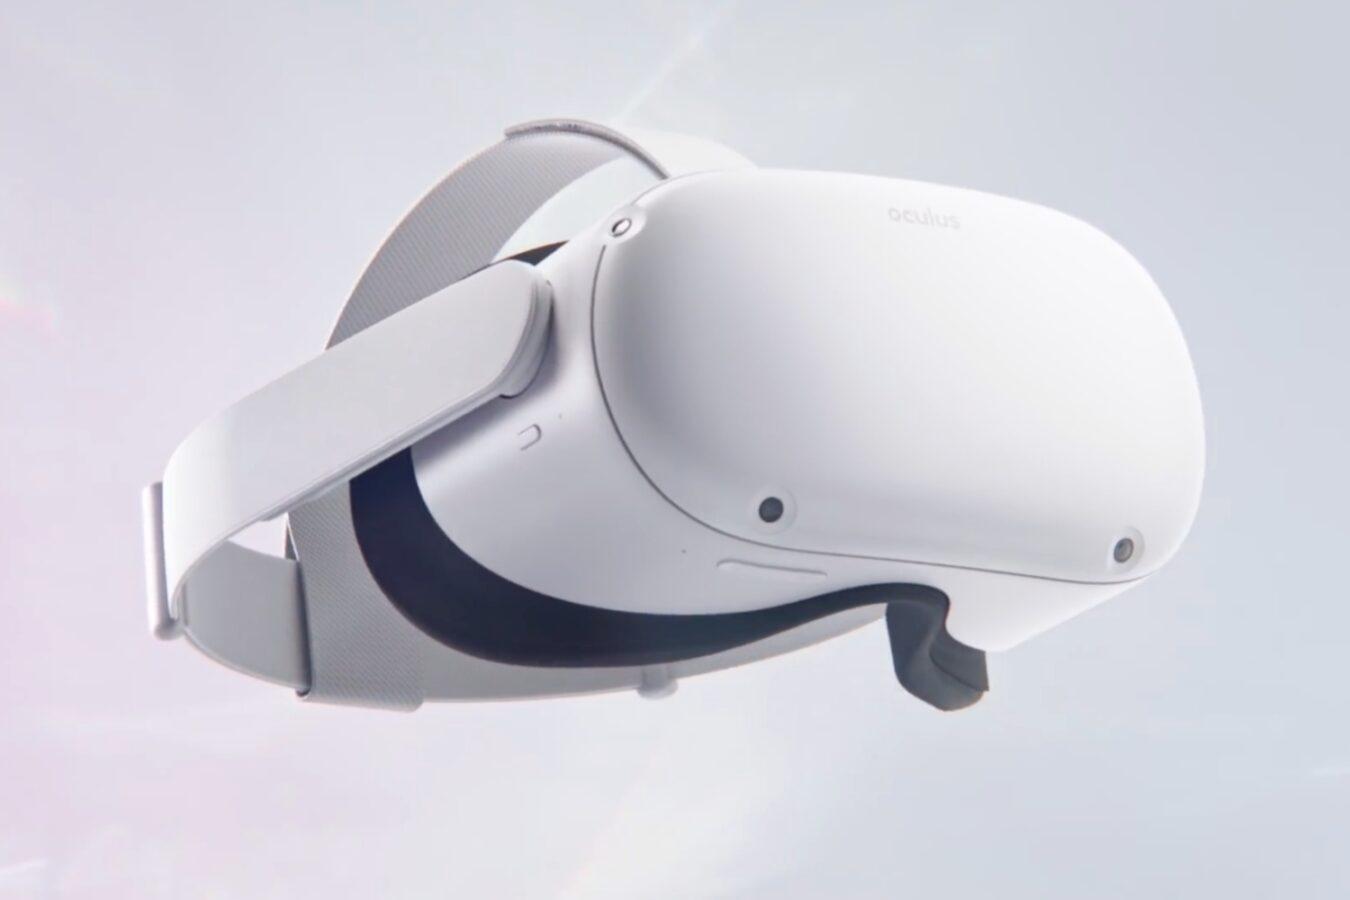 Gogle Oculus Quest 2 będą niezbędne do odwiedzenia Infinite Office